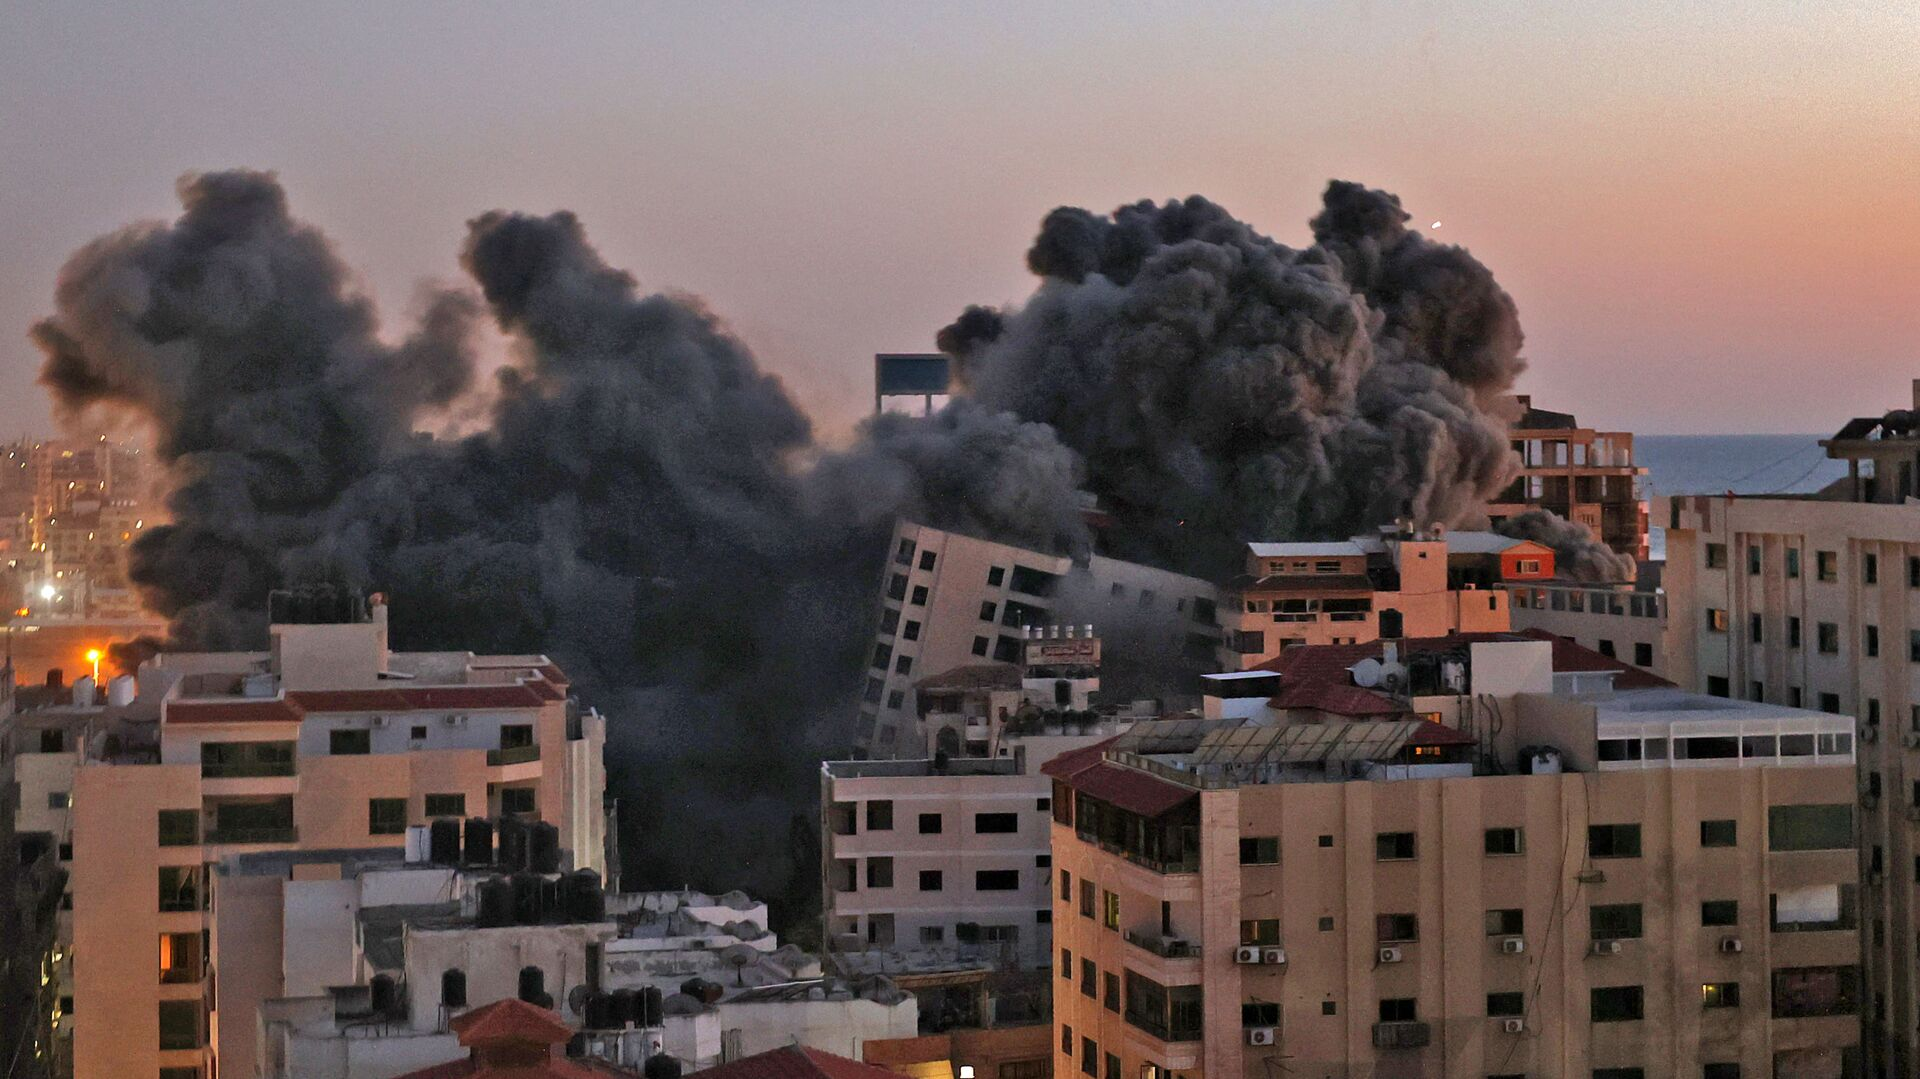 Пожарные тушат горящие многоквартирные дома после израильских авиаударов в городе Газа - Sputnik Mundo, 1920, 20.05.2021